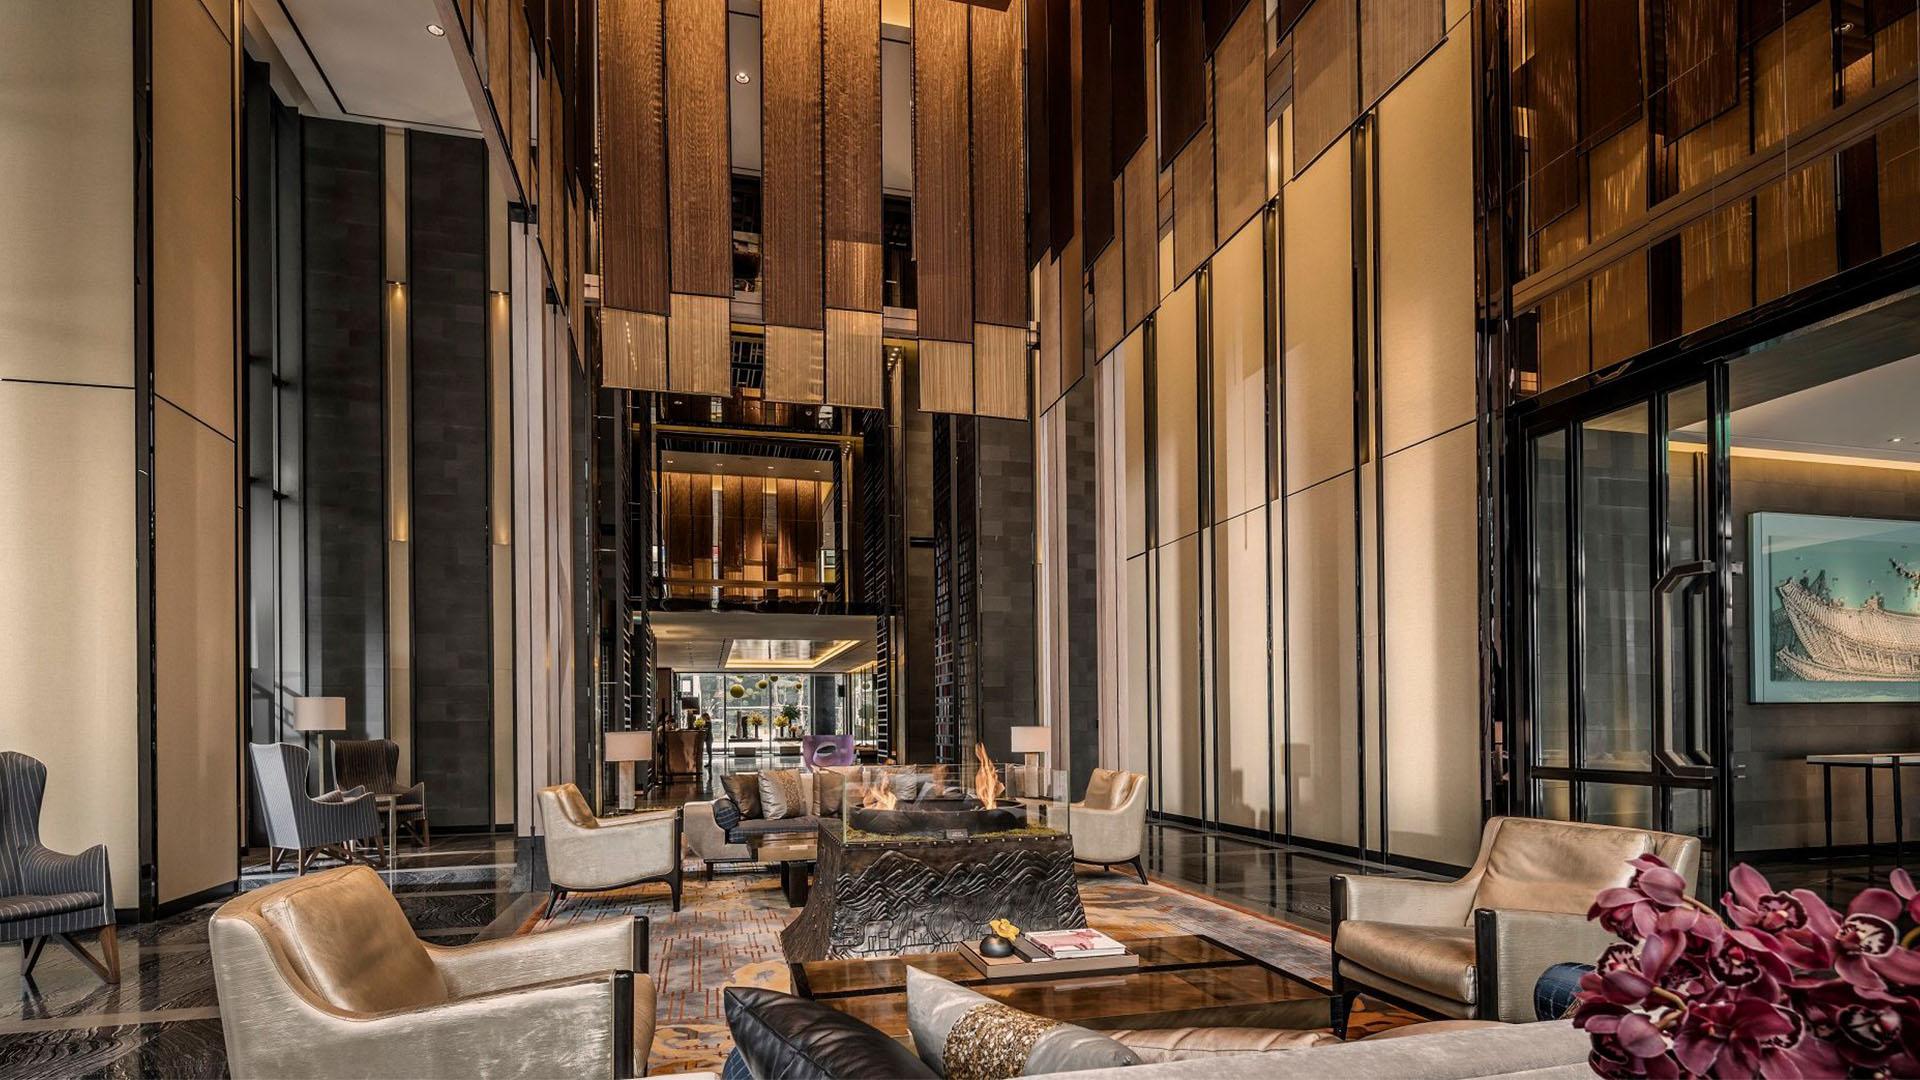 The Four Seasons Hotel Seoul